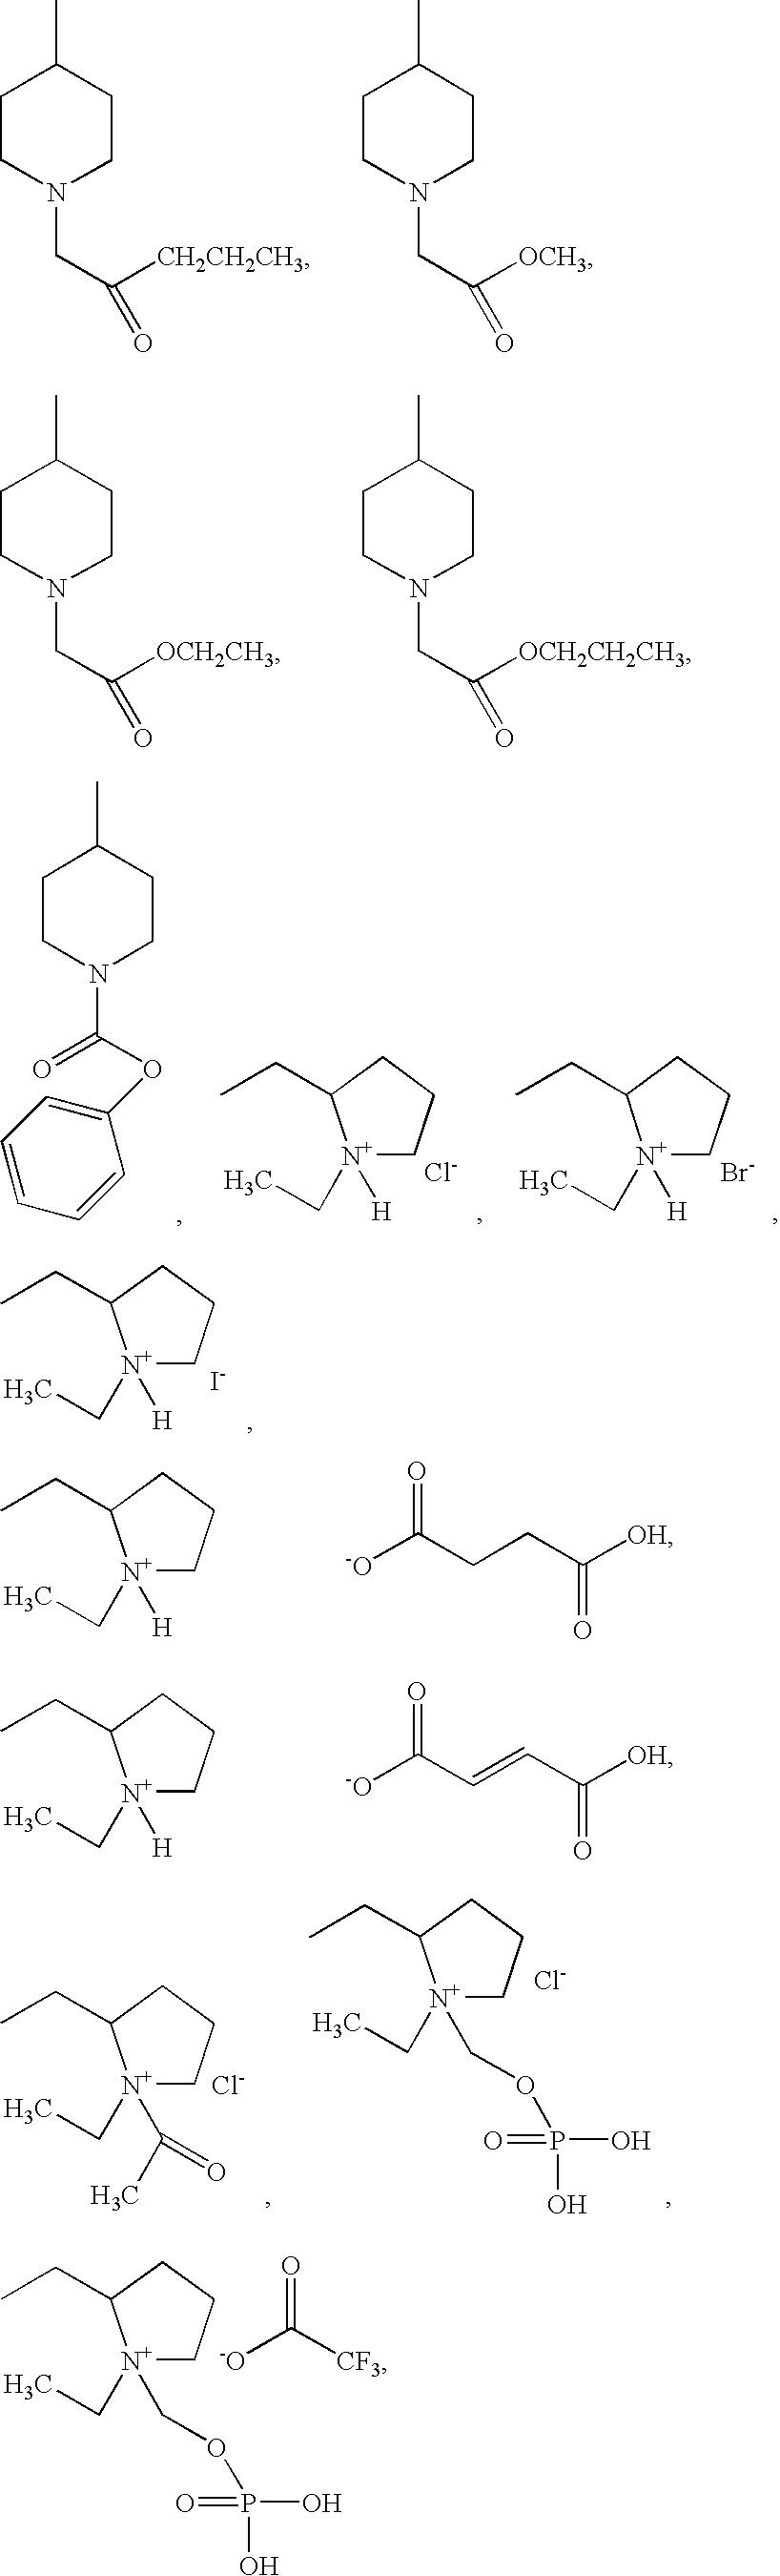 Figure US20050113341A1-20050526-C00092